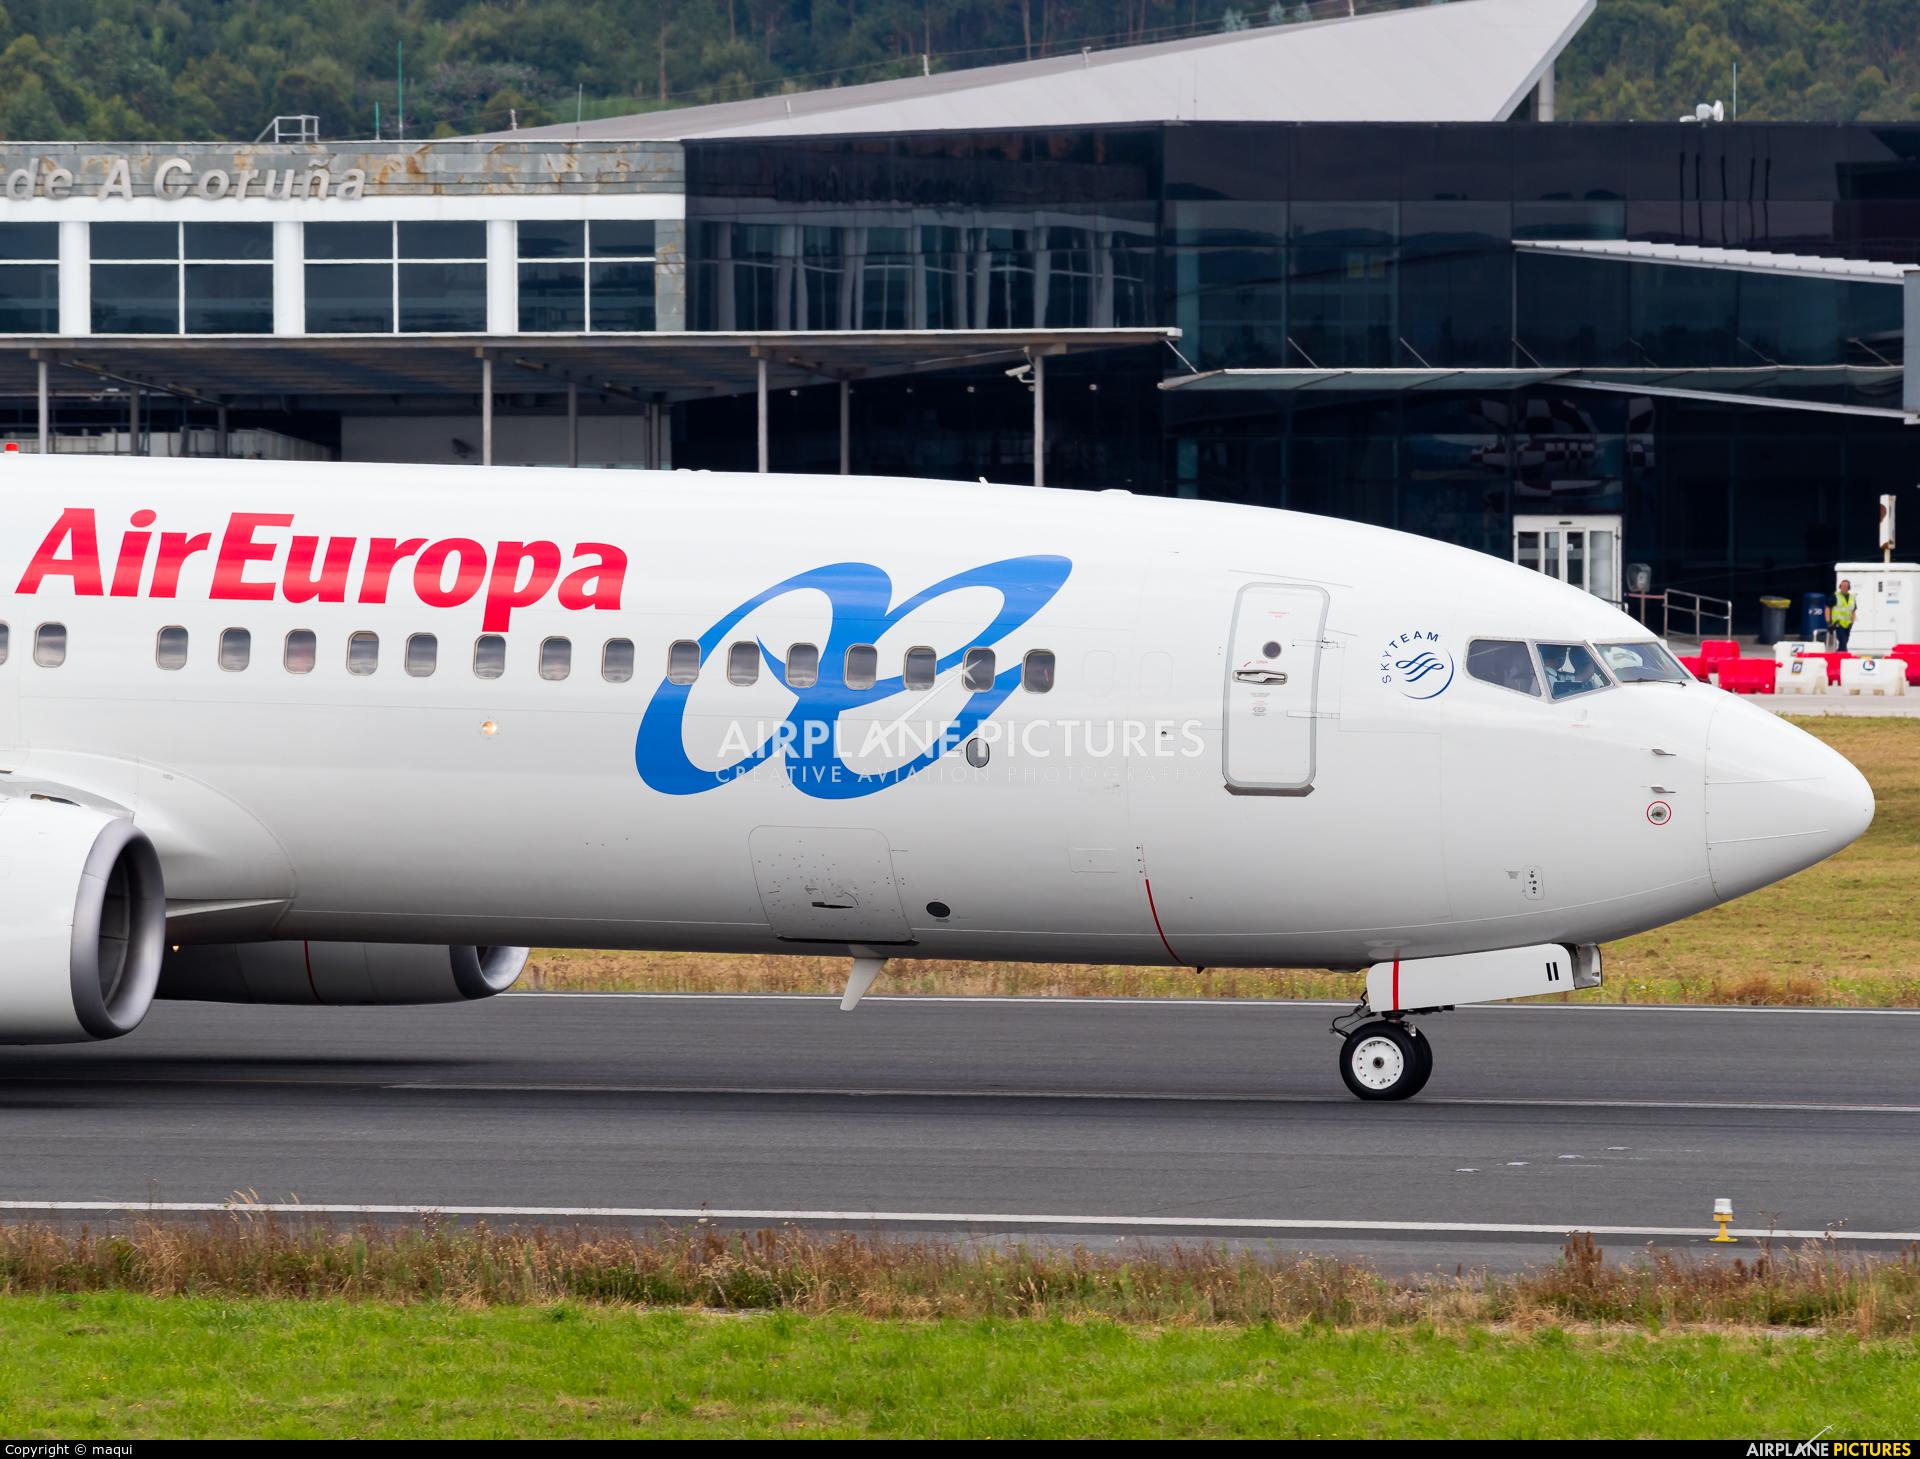 Air Europa EC-III aircraft at La Coruña